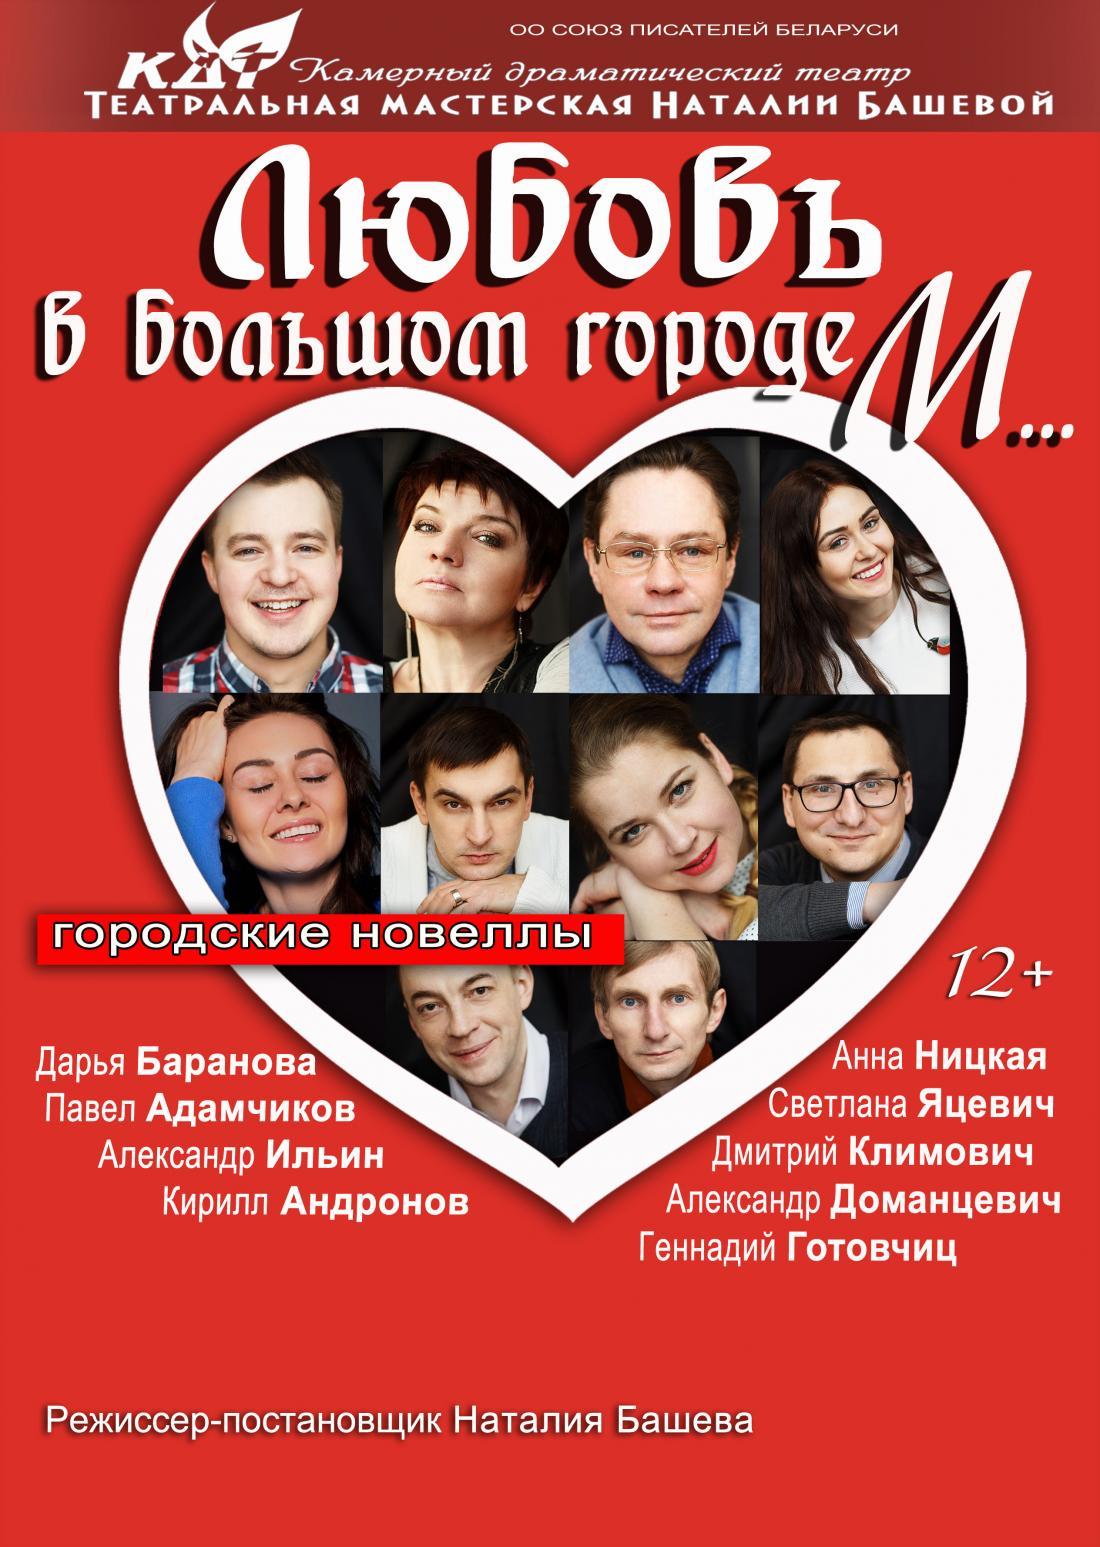 """31 мая спектакль """"Любовь в большом городе М"""", два билета по цене одного от 12 руб."""